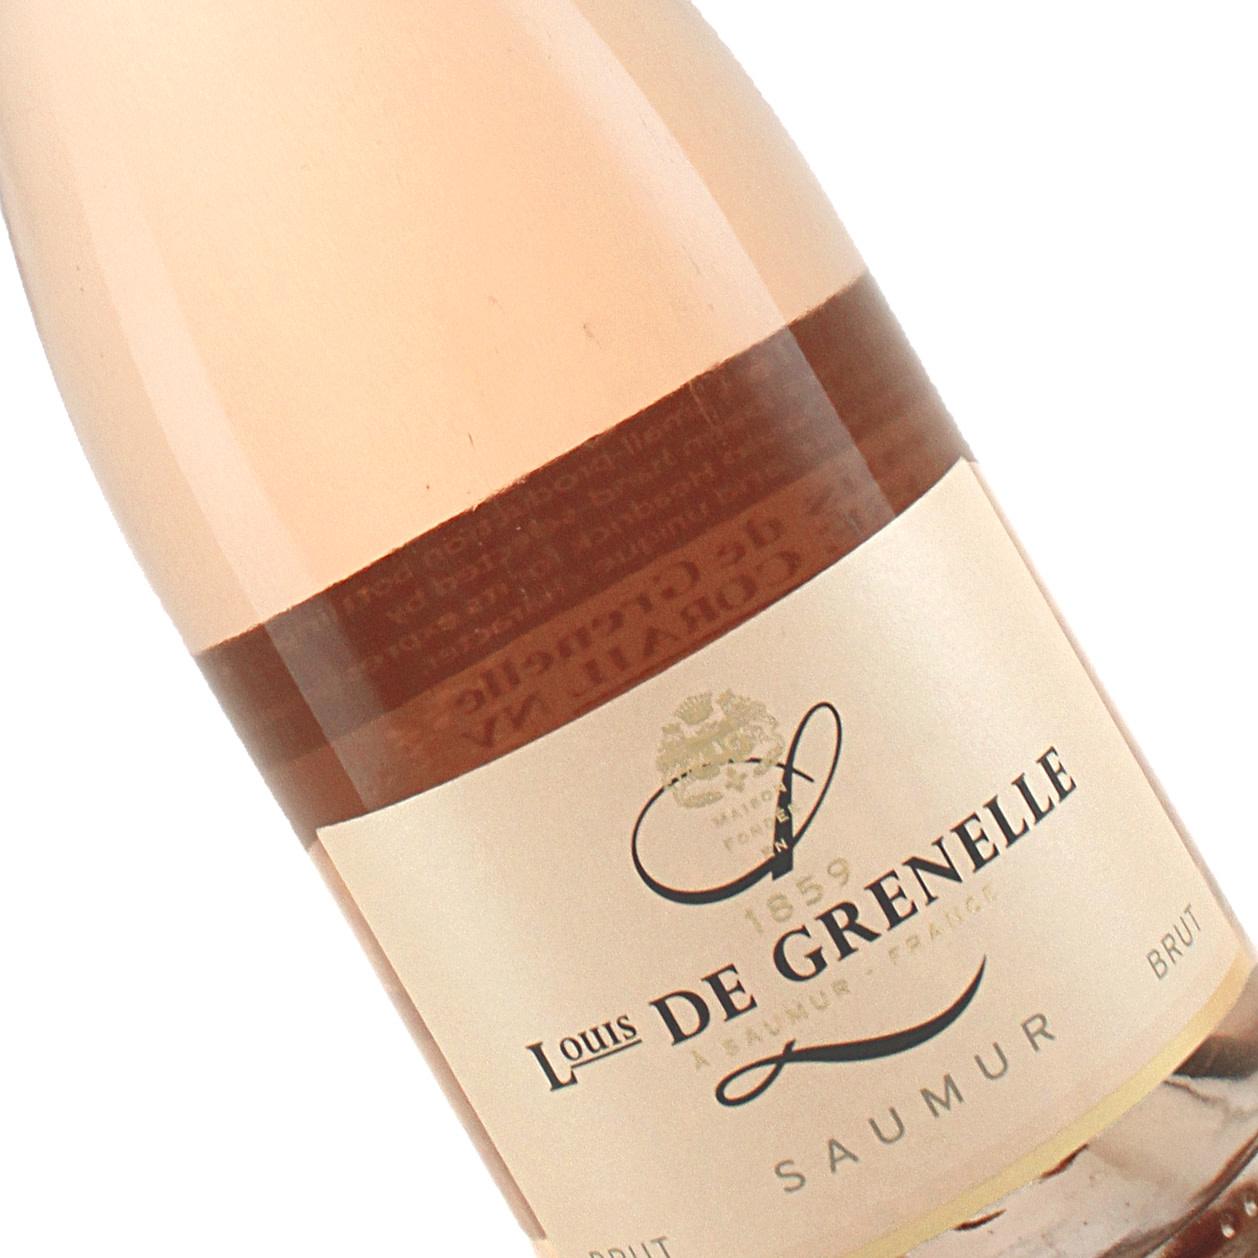 Louis De Grenelle N.V. Saumur Rose Corail Brut Sparkling